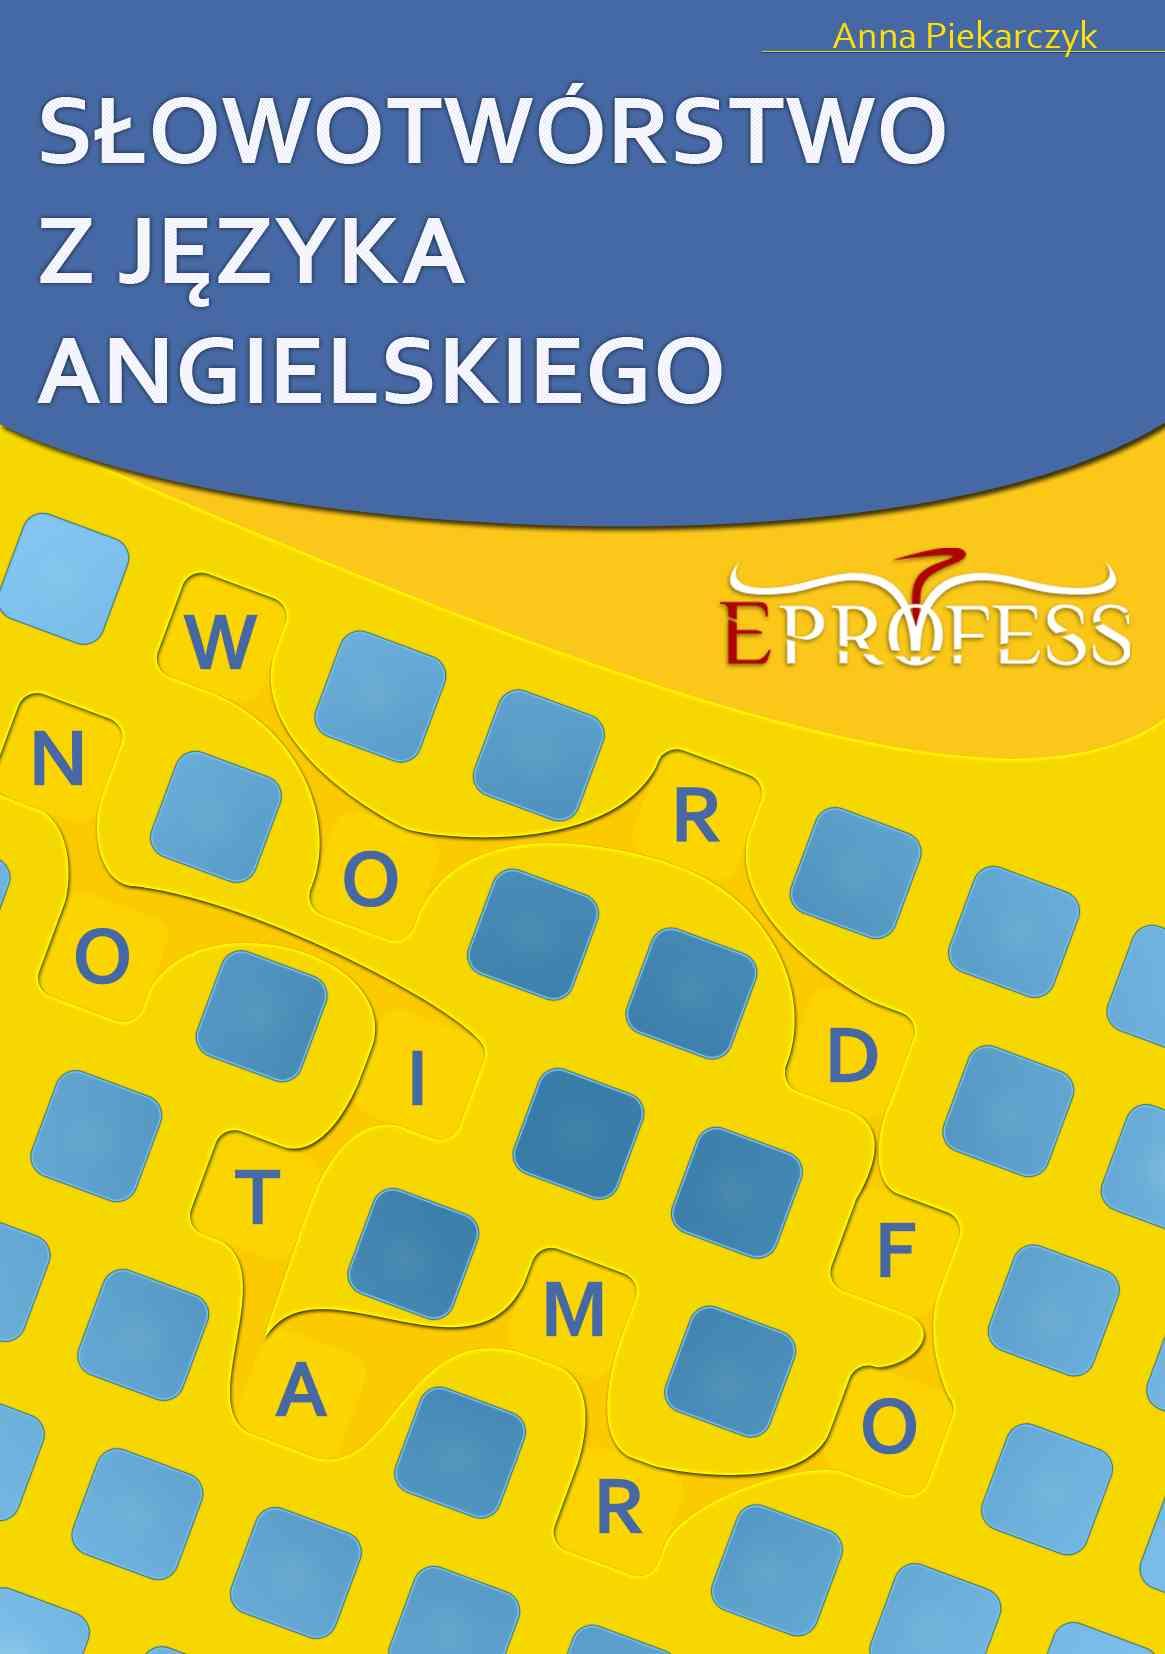 Słowotwórstwo z Języka Angielskiego - Ebook (Książka PDF) do pobrania w formacie PDF